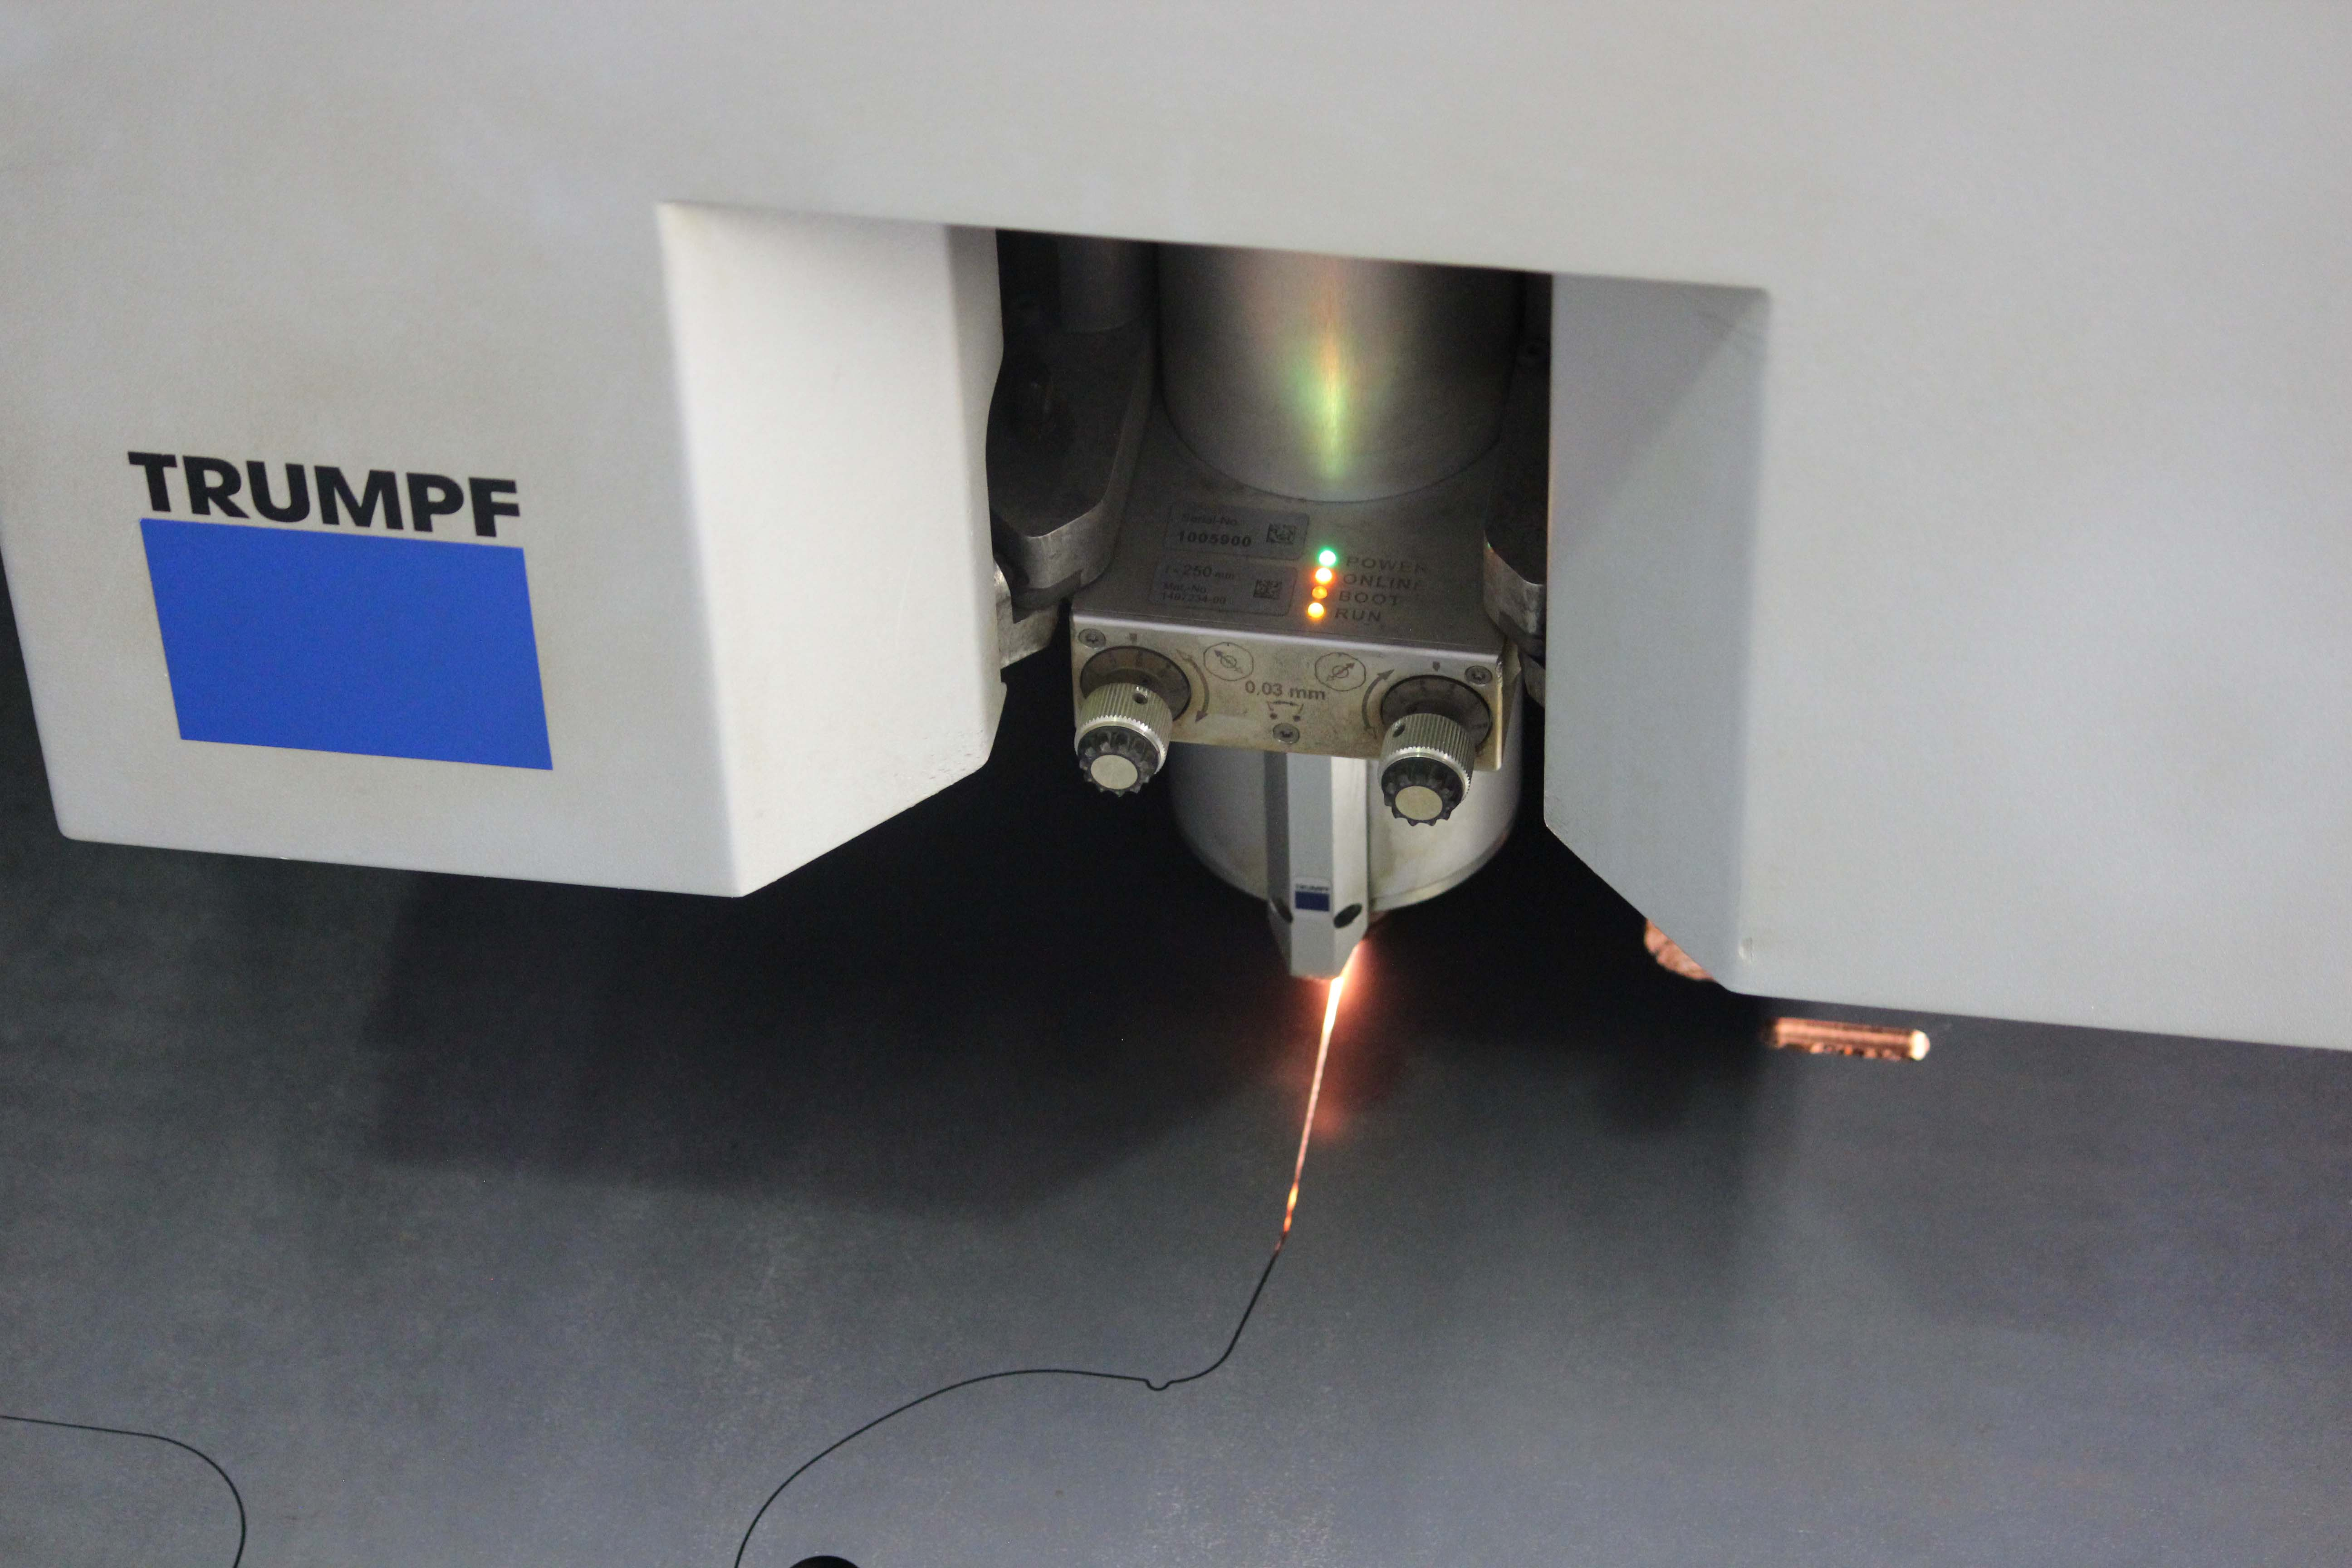 Laserové řezání - laserový řezací stroj TRUMPF TruLaser 3030 (3,2 kW) CNC řezání ocelových plechů laserem, laserové výp